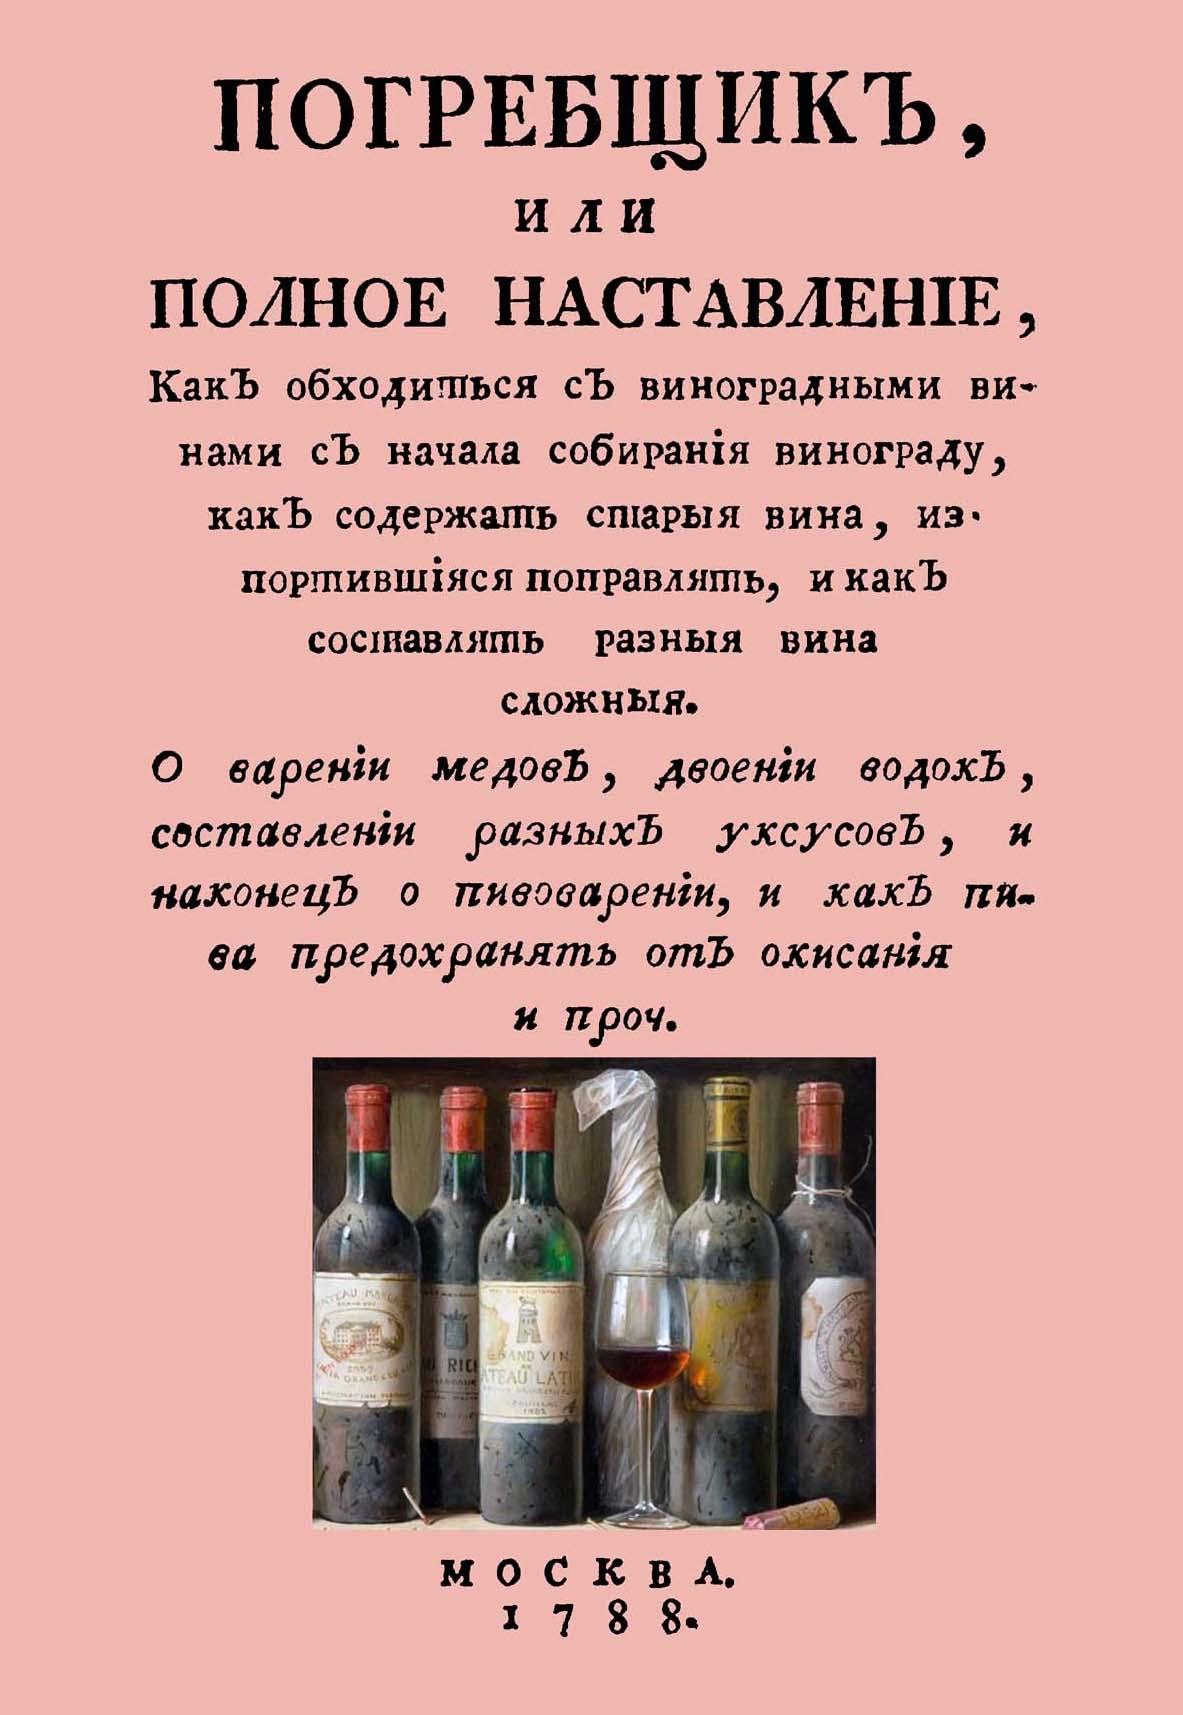 В. Левшин Погребщик, или полное наставление, как обходиться с виноградными винами с начала собирания винограда, как содержать старые вина, испортившиеся поправлять, и как составлять разные вина сложные книга вина